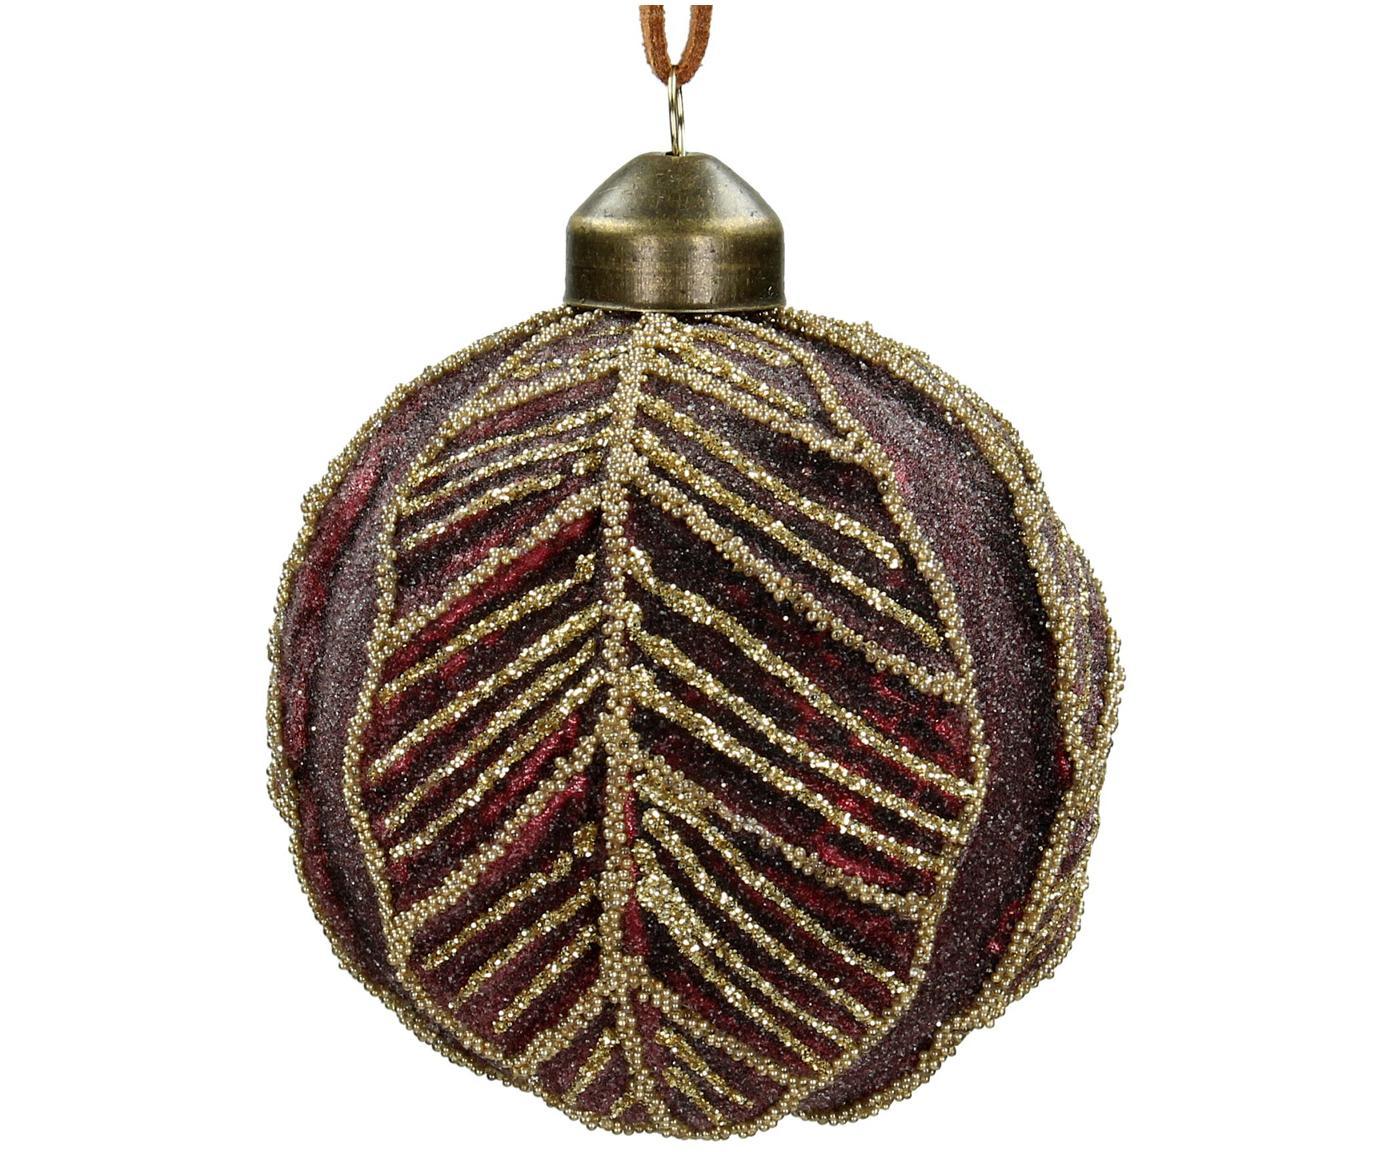 Kerstballen Leaf, 2 stuks, Glas, polyester, kunststof, Donkerrood, Ø 8 cm